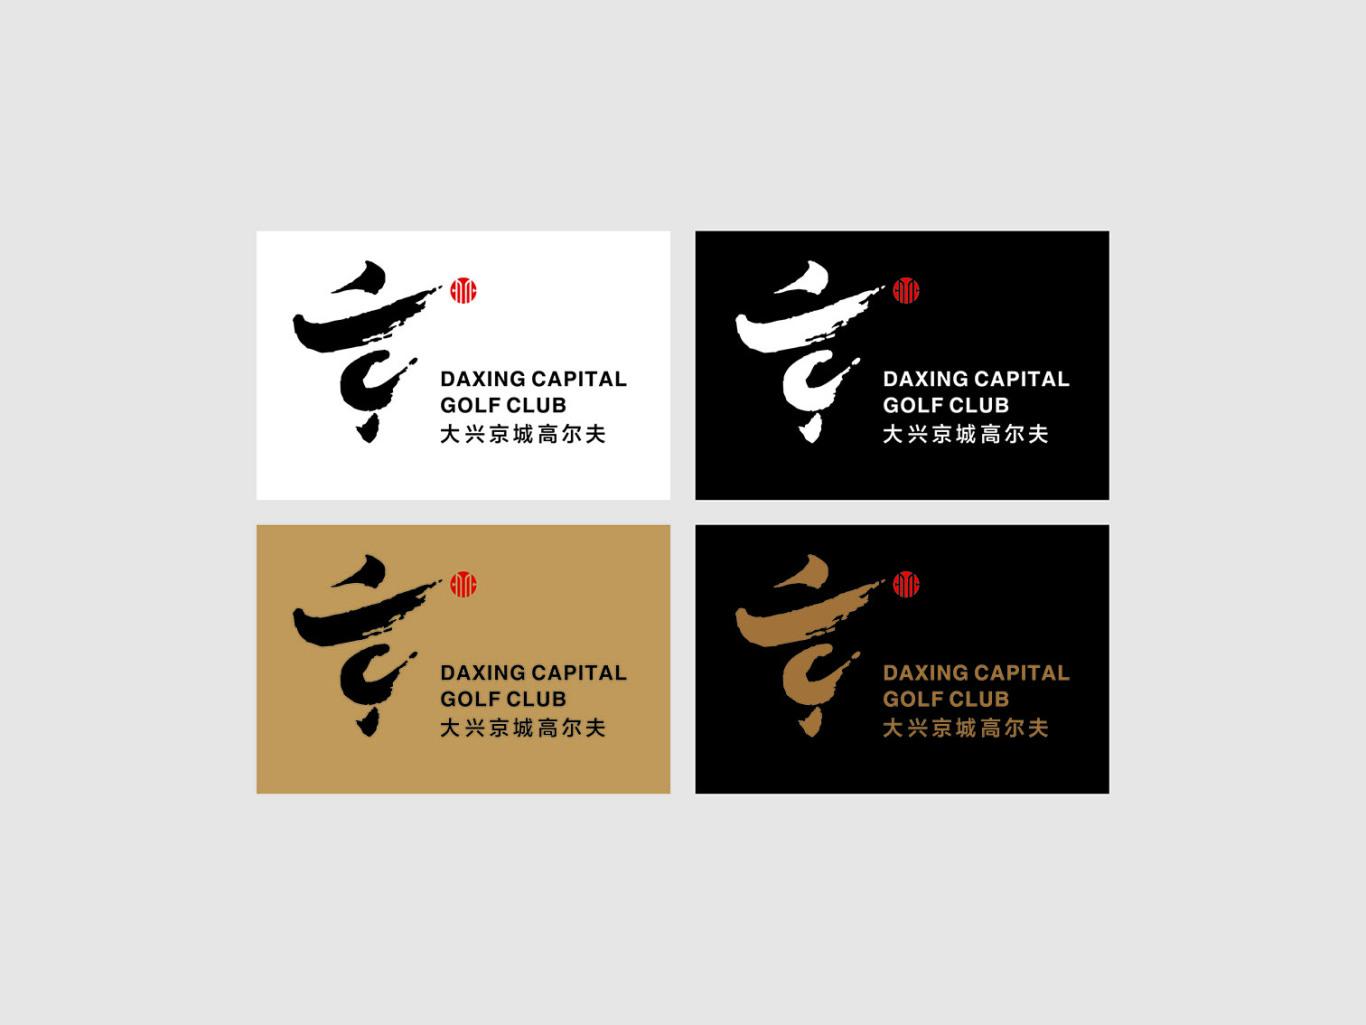 北京大兴京城高尔夫俱乐部LOGO设计图6